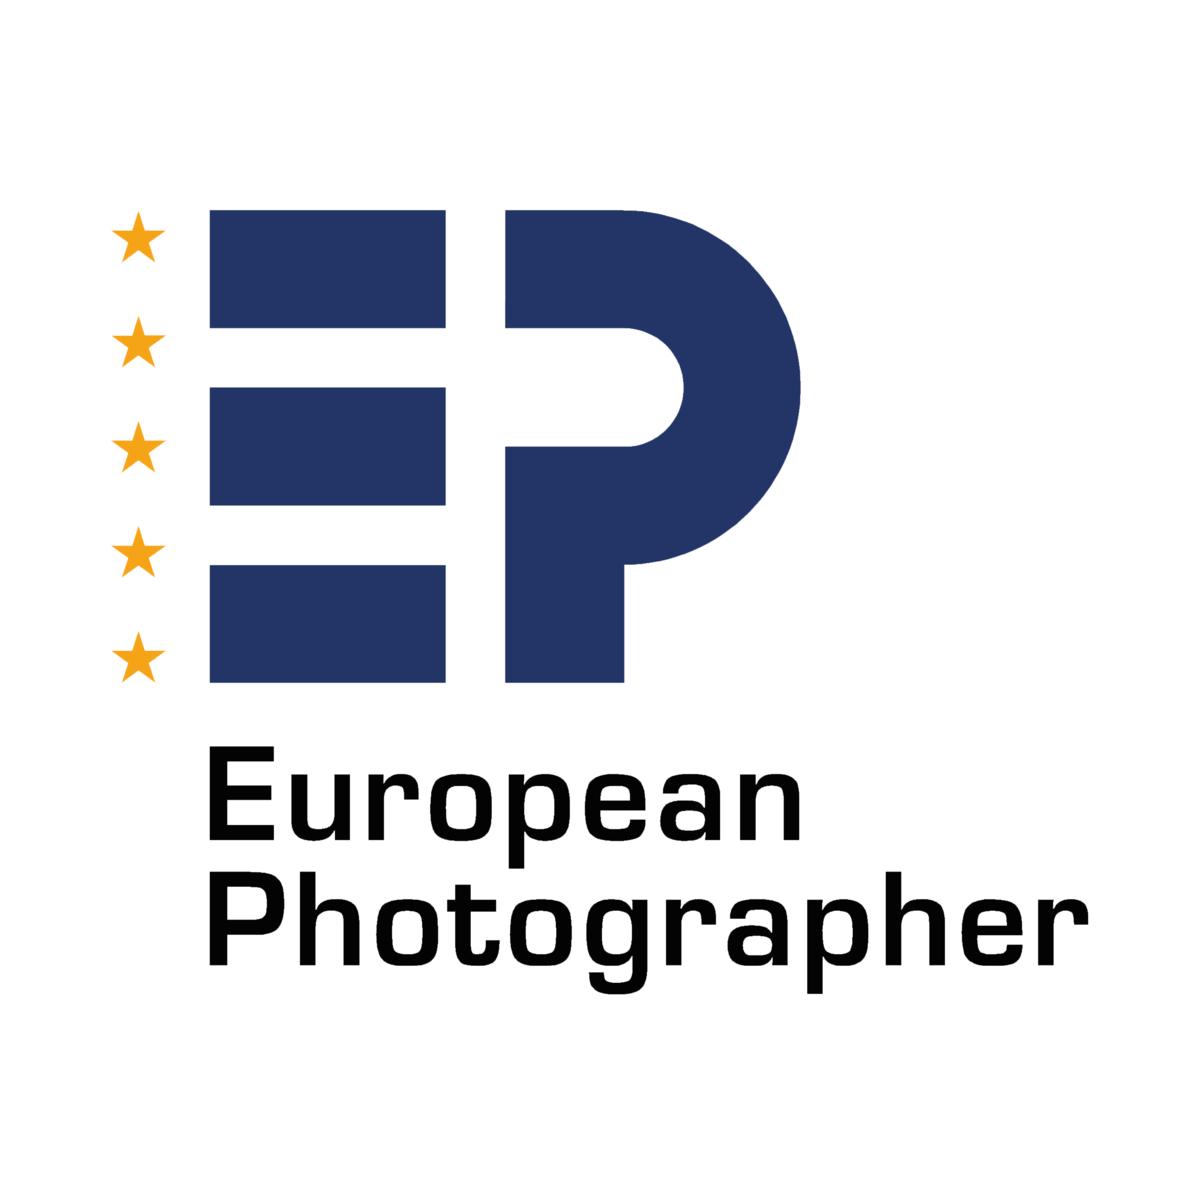 Imagem capa - Rui Costa Freire distinguido com Fotógrafo Europeu pela FEP (Federation of European Photography) | Jornal Boa Nova | Cantanhede 2020 por Emotion Photography